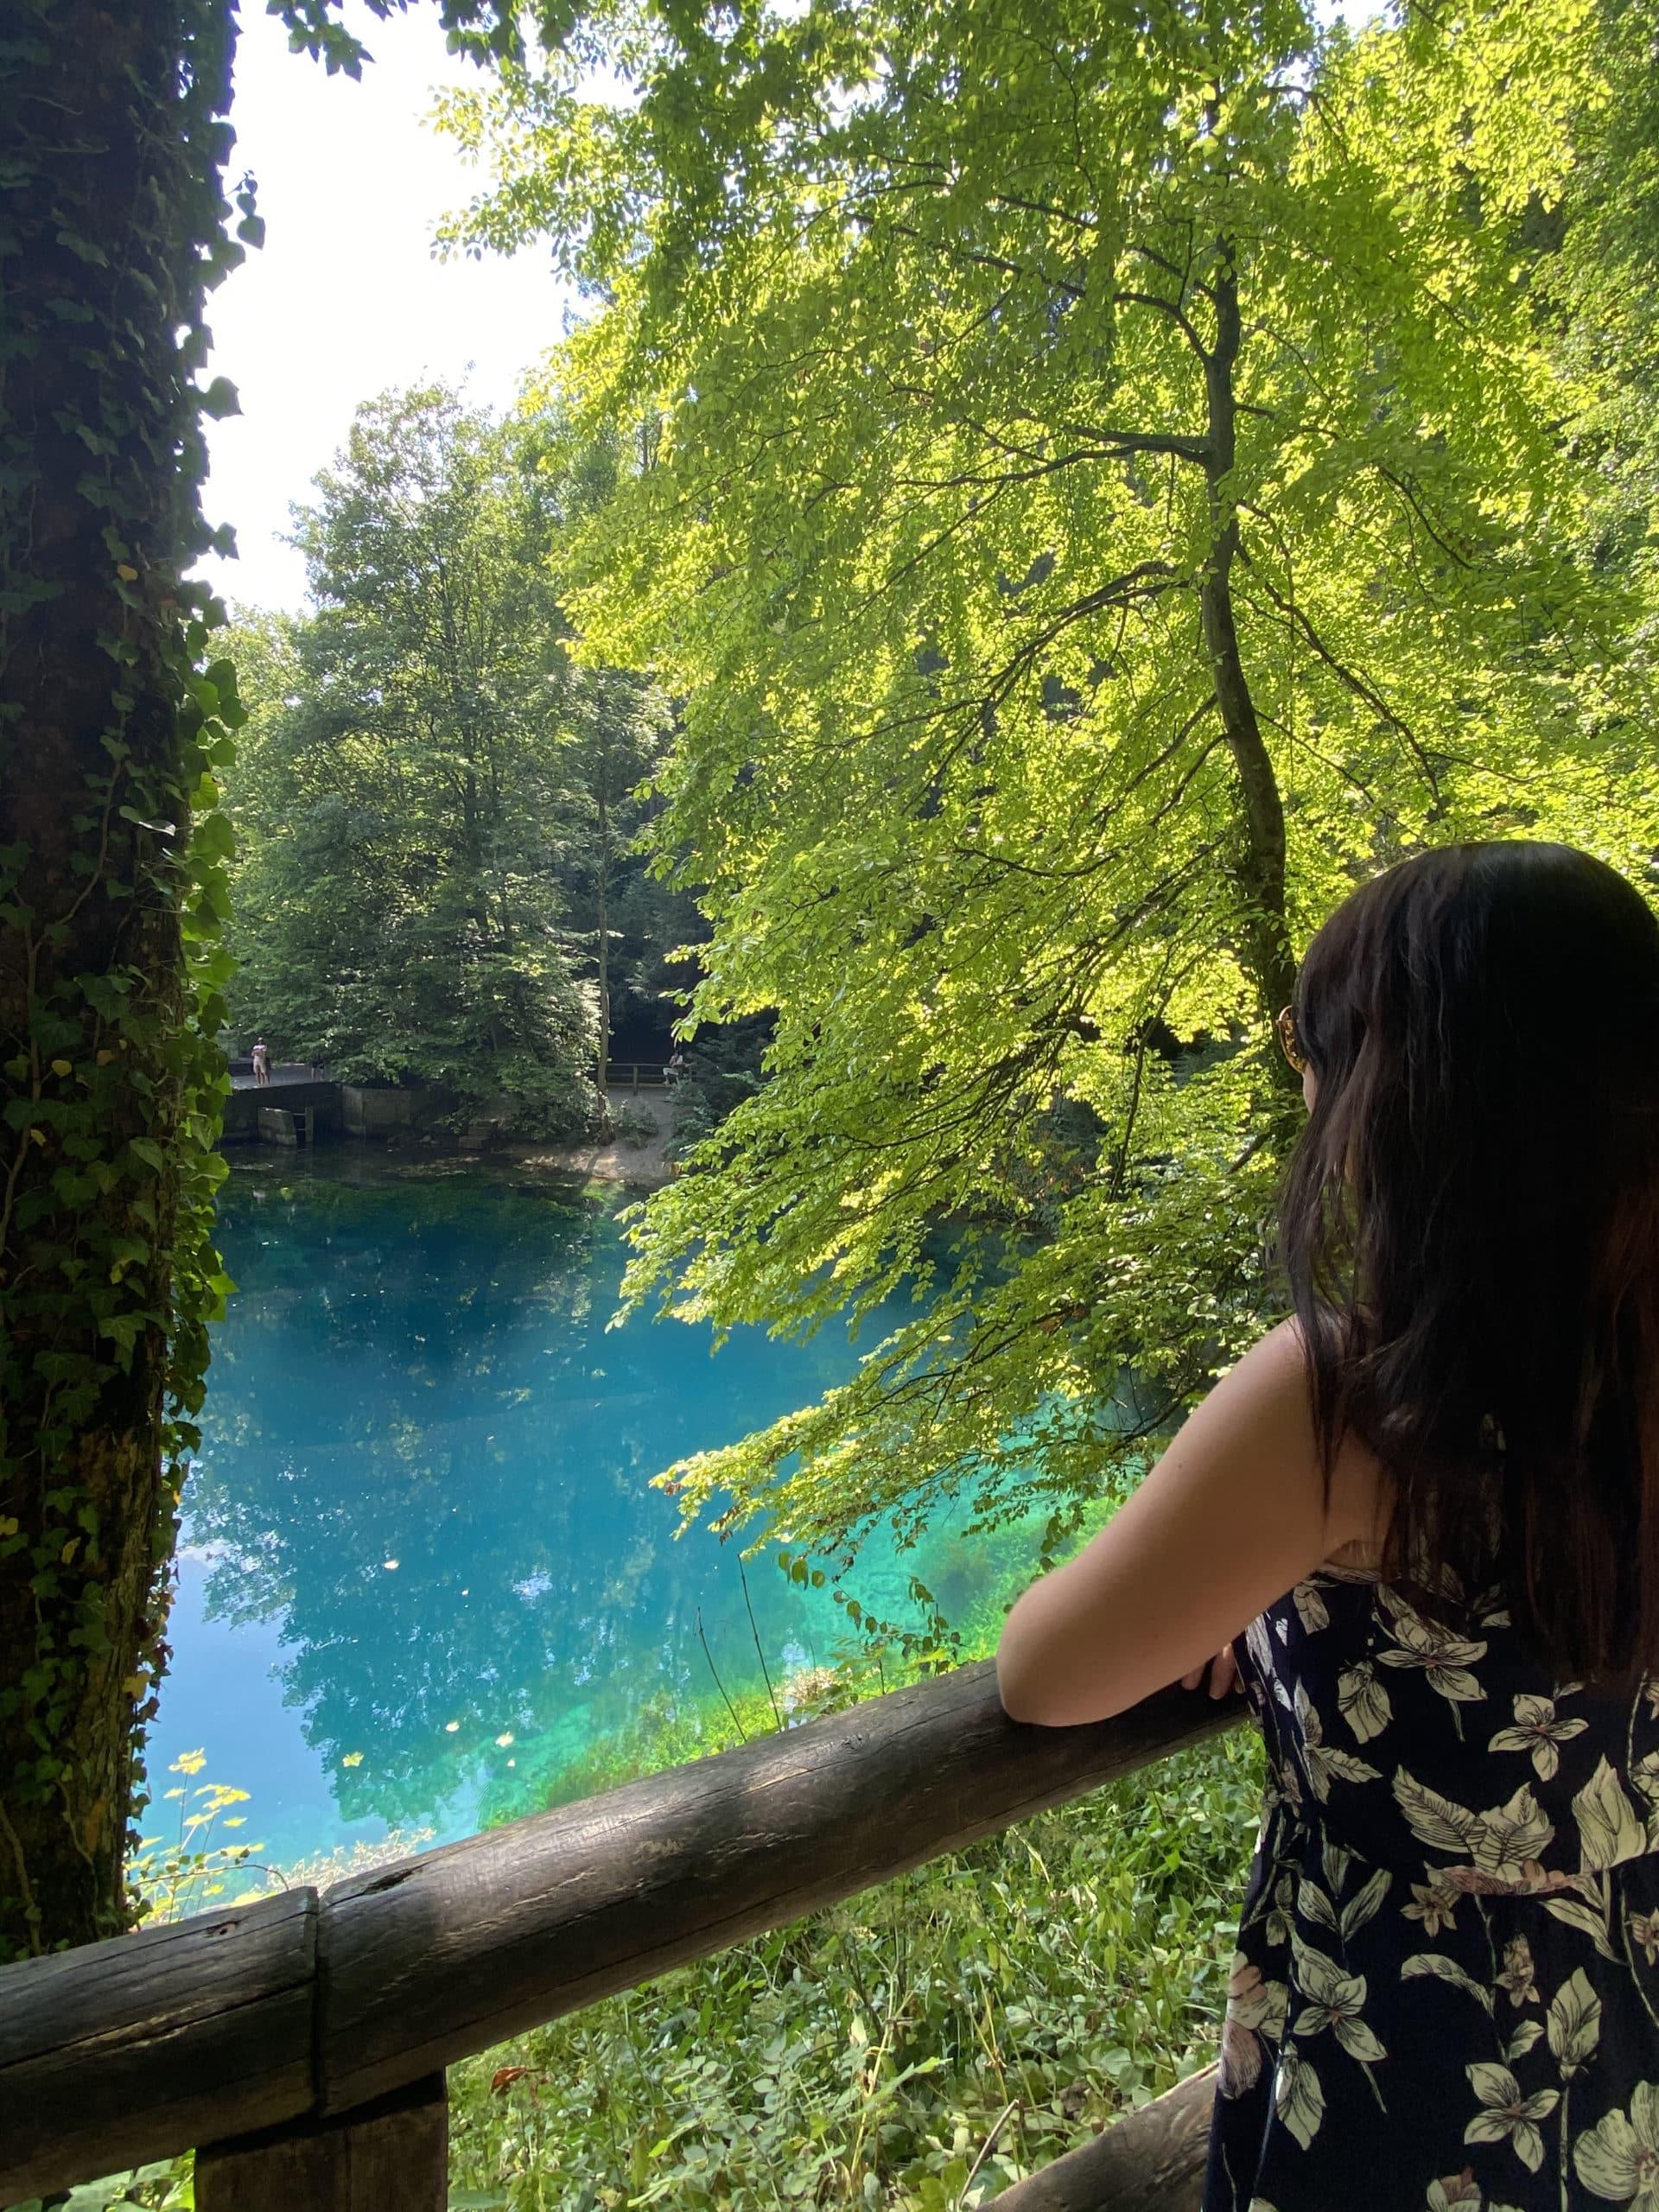 Blautopf in Blaubeuren – beauty in southern Germany